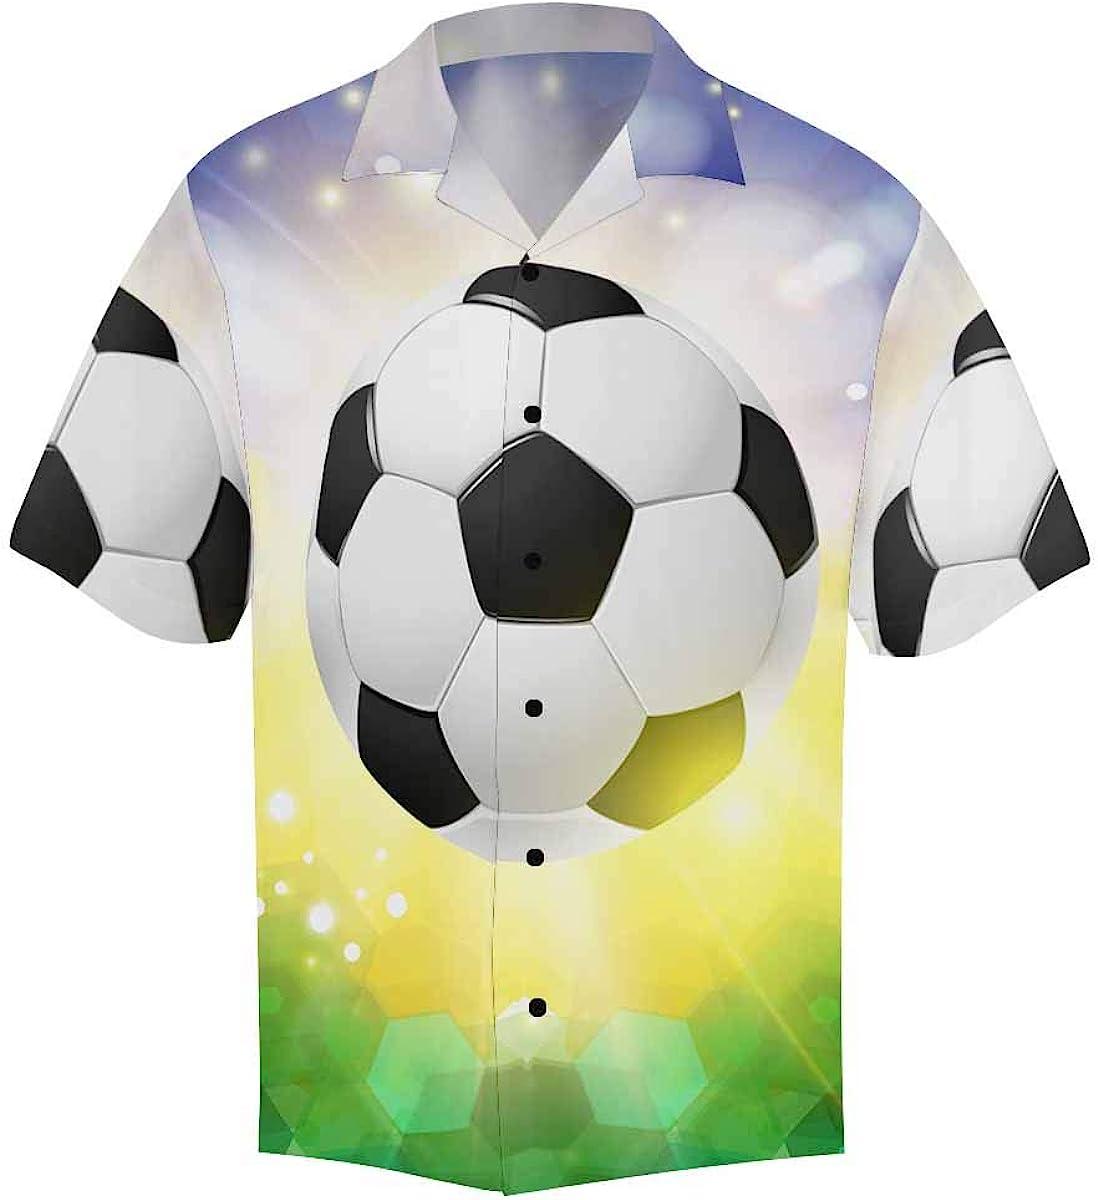 InterestPrint Men's Casual Button Down Short Sleeve Global World Football Hawaiian Shirt (S-5XL)